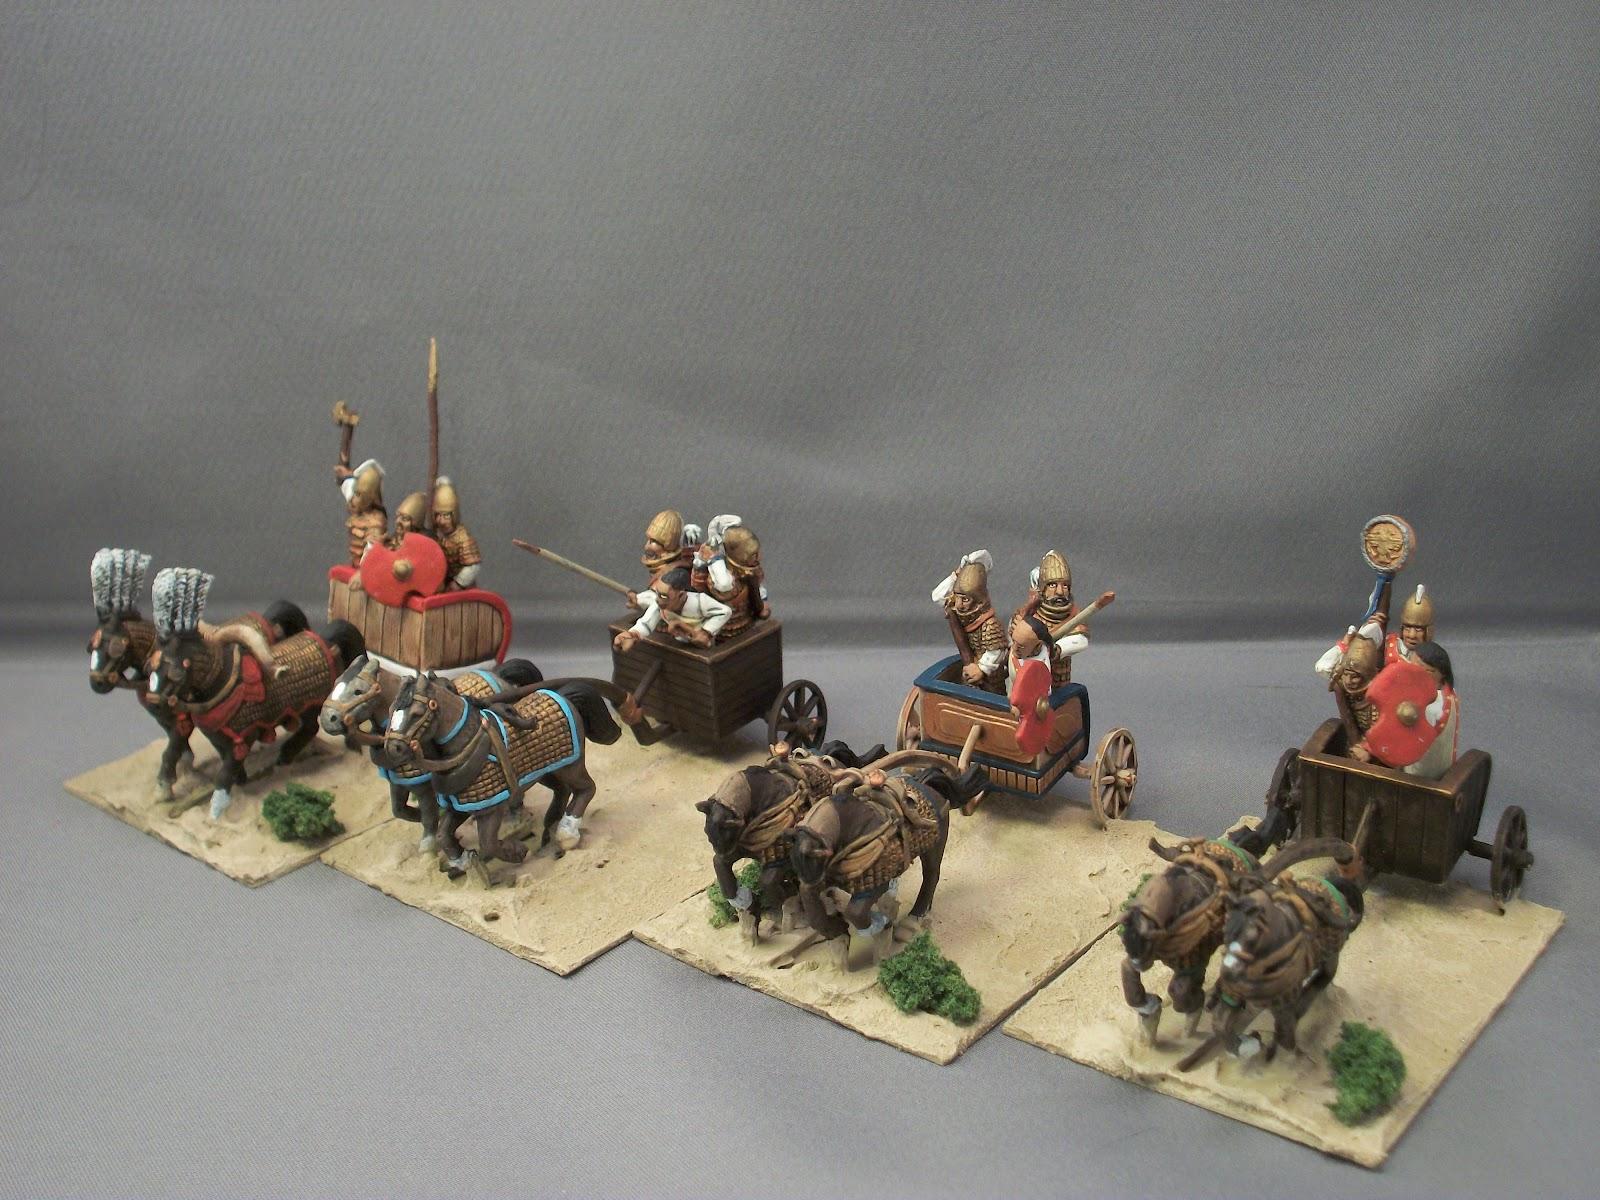 [Lien] Armées bibliques d' autres joueurs - Page 3 Hittite